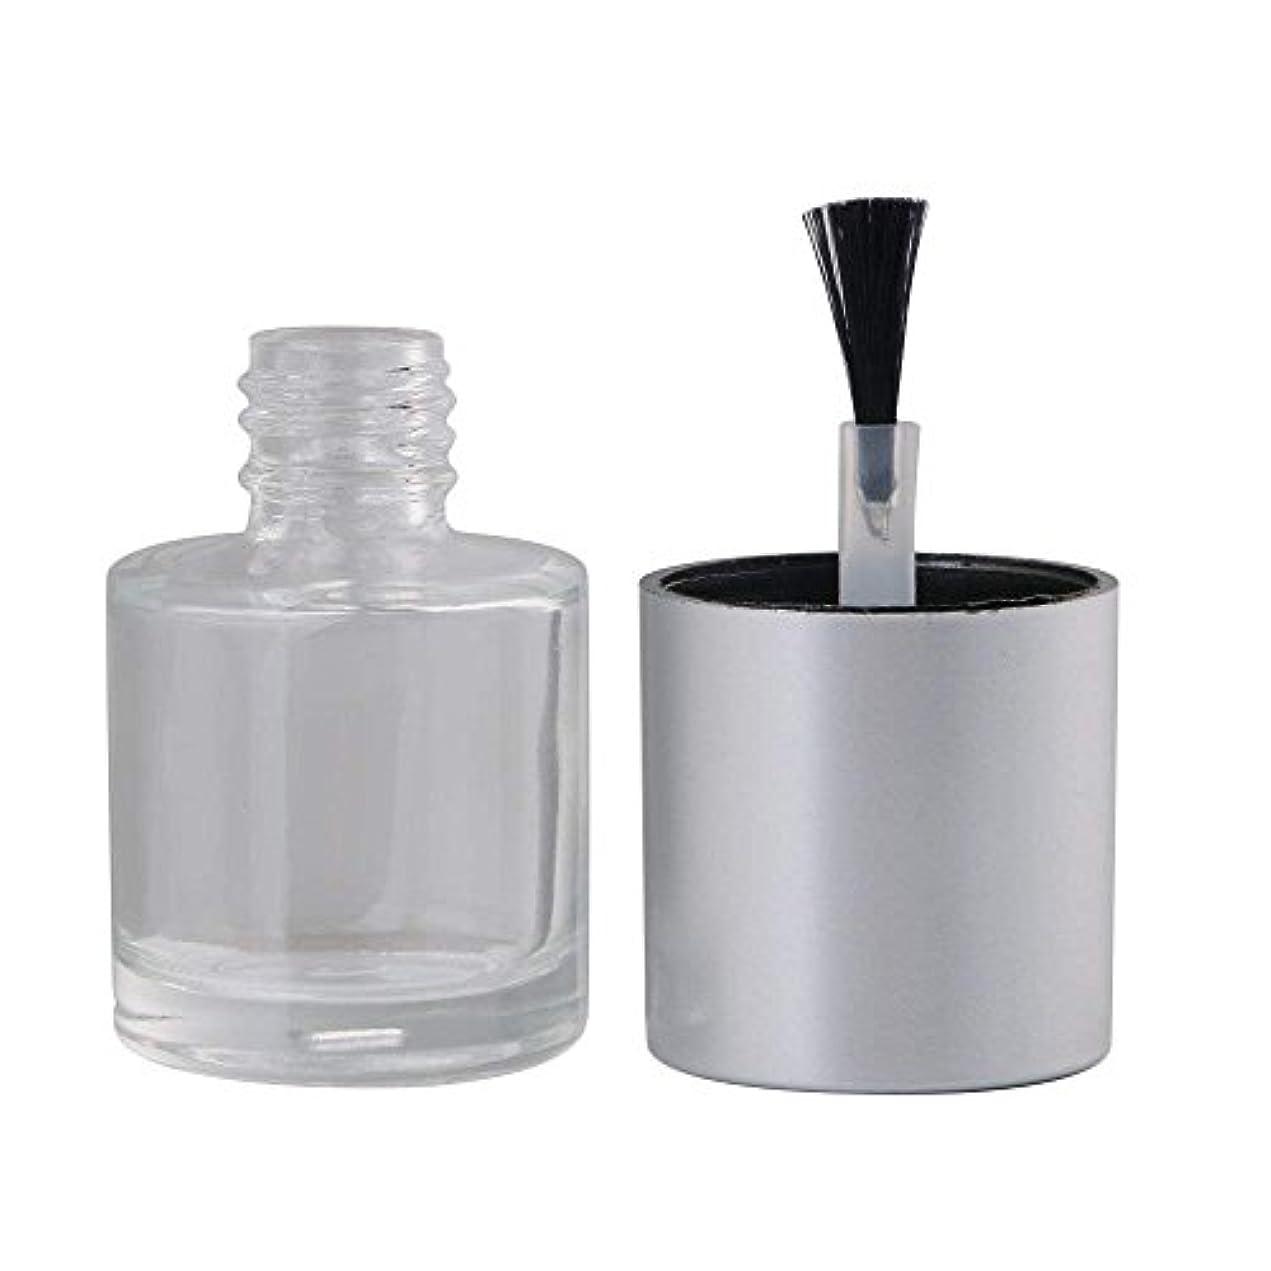 スペル無一文パーチナシティDiystyle 10個入 マニキュアボトル 空ボトル 10ml 小分けボトル 詰め替え 化粧品収納 旅行用品 ガラス グレー